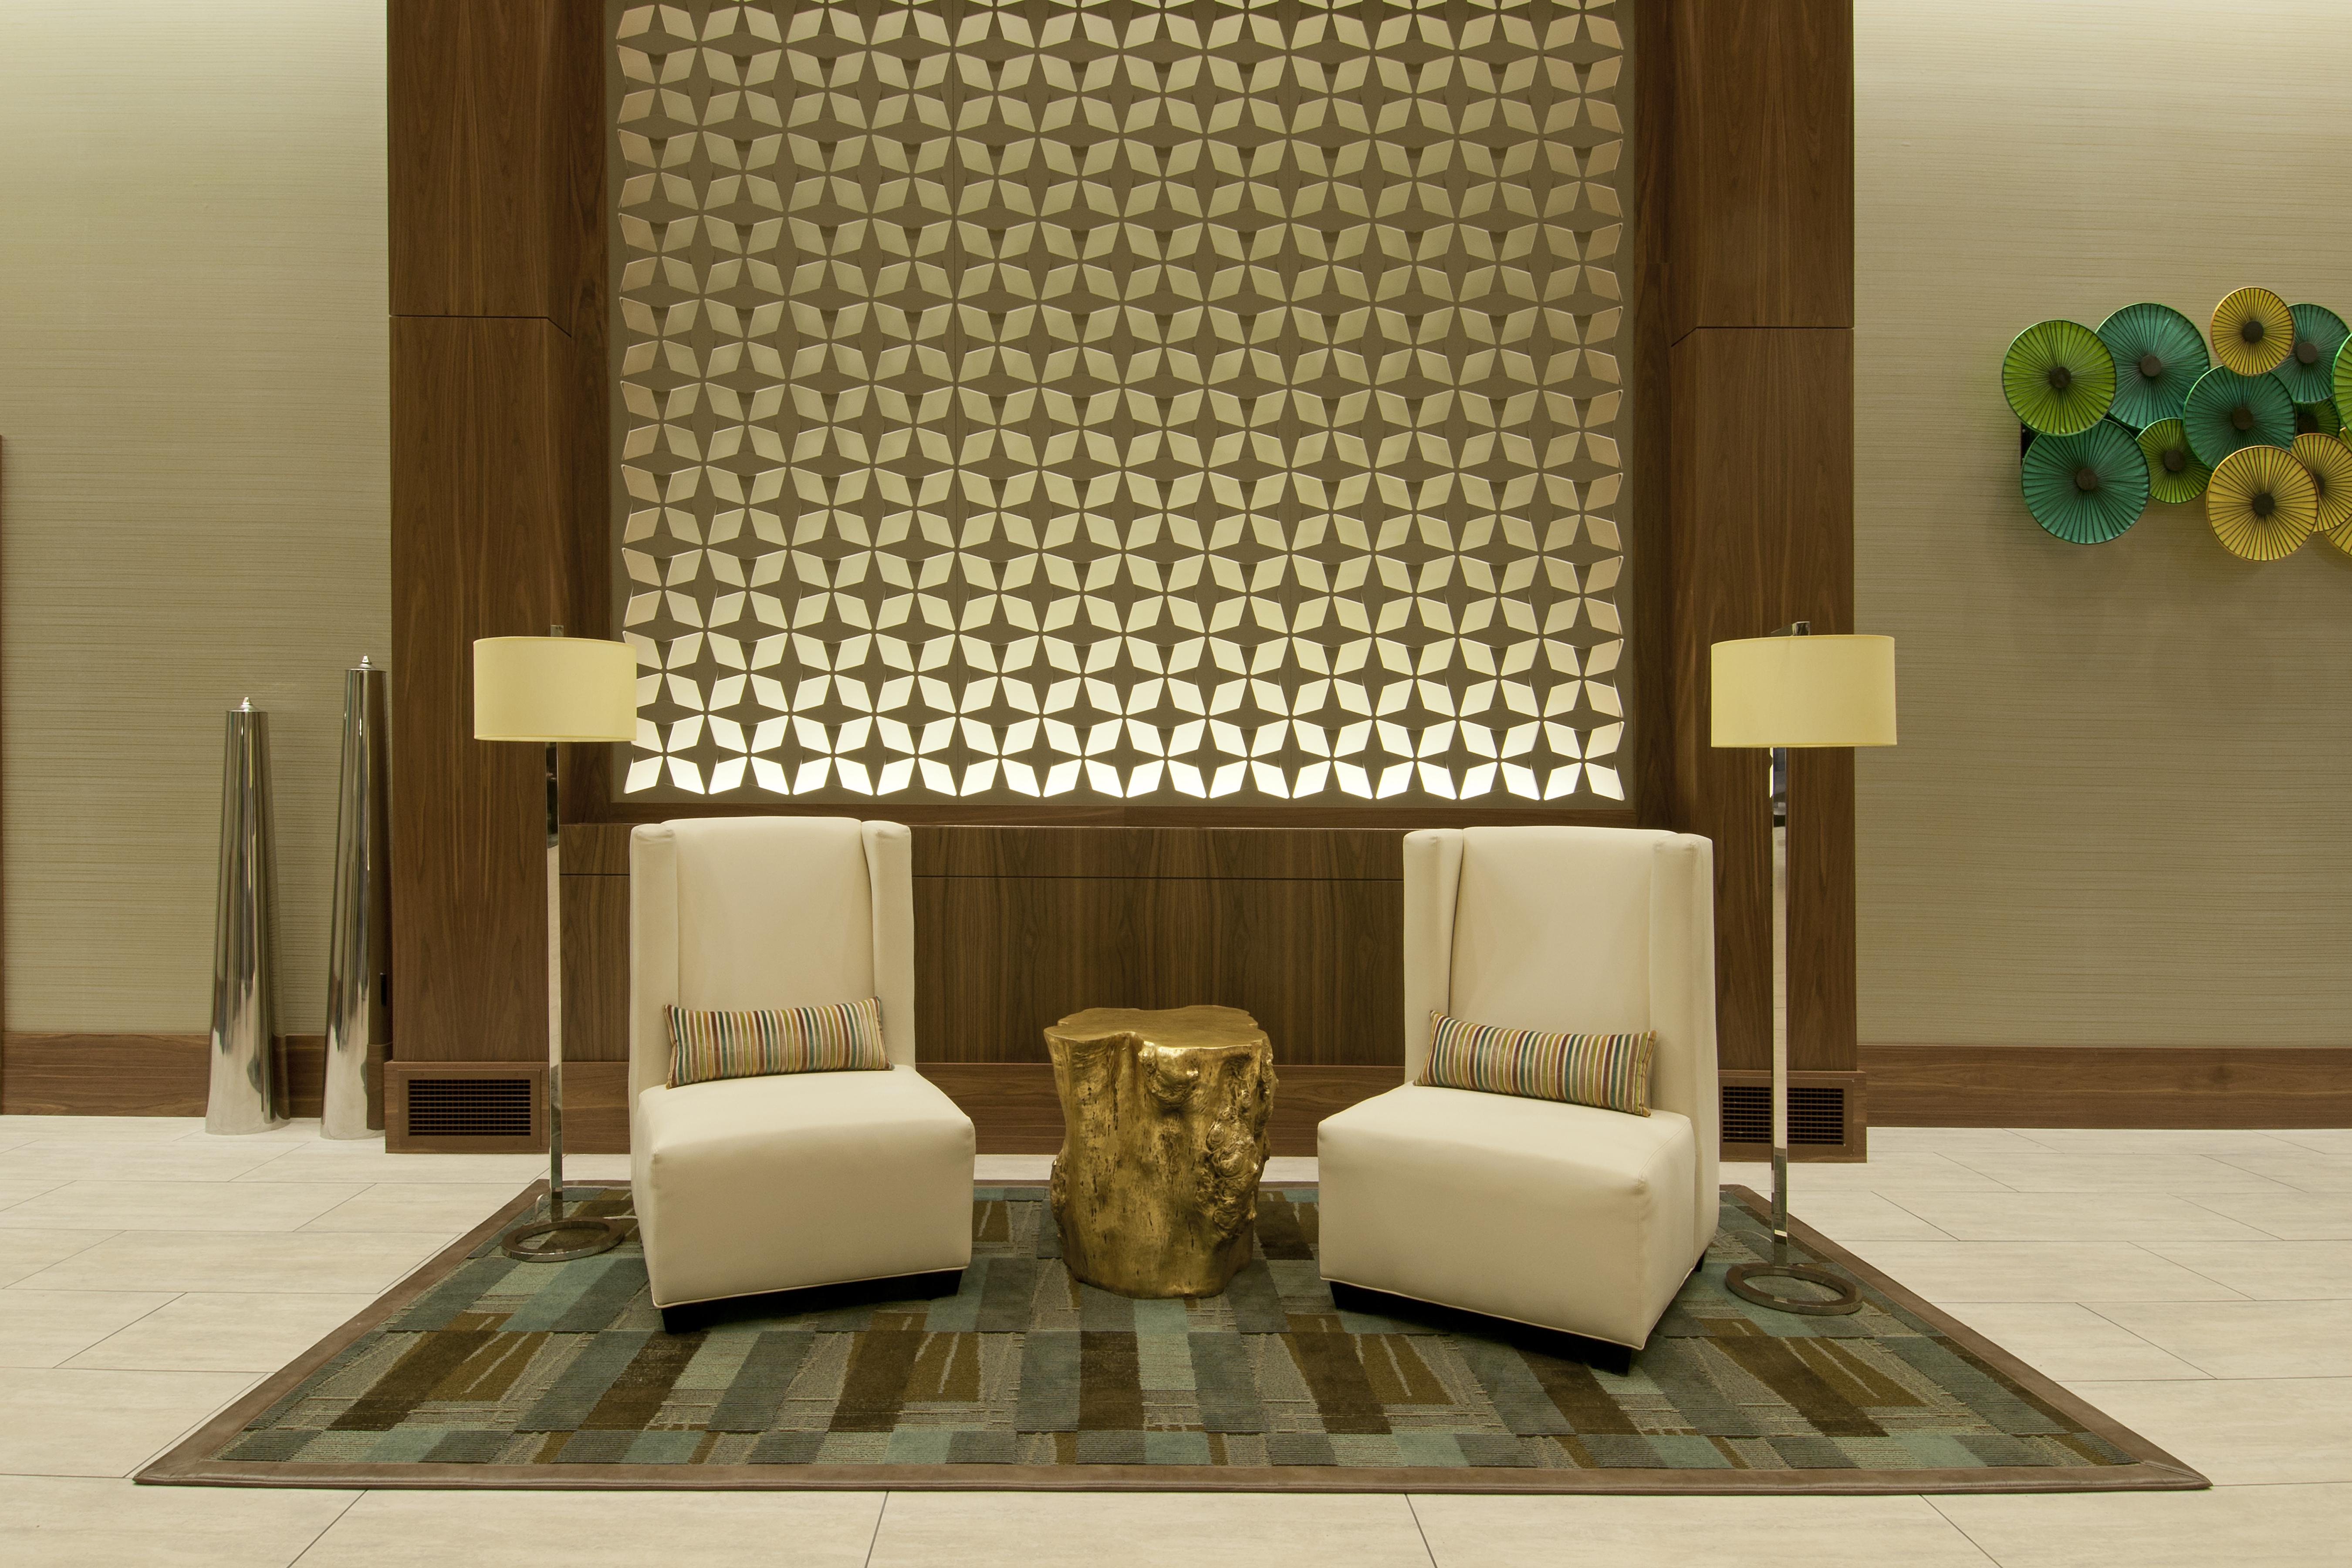 Interior design inside design studio for Hotel lobby decor photos